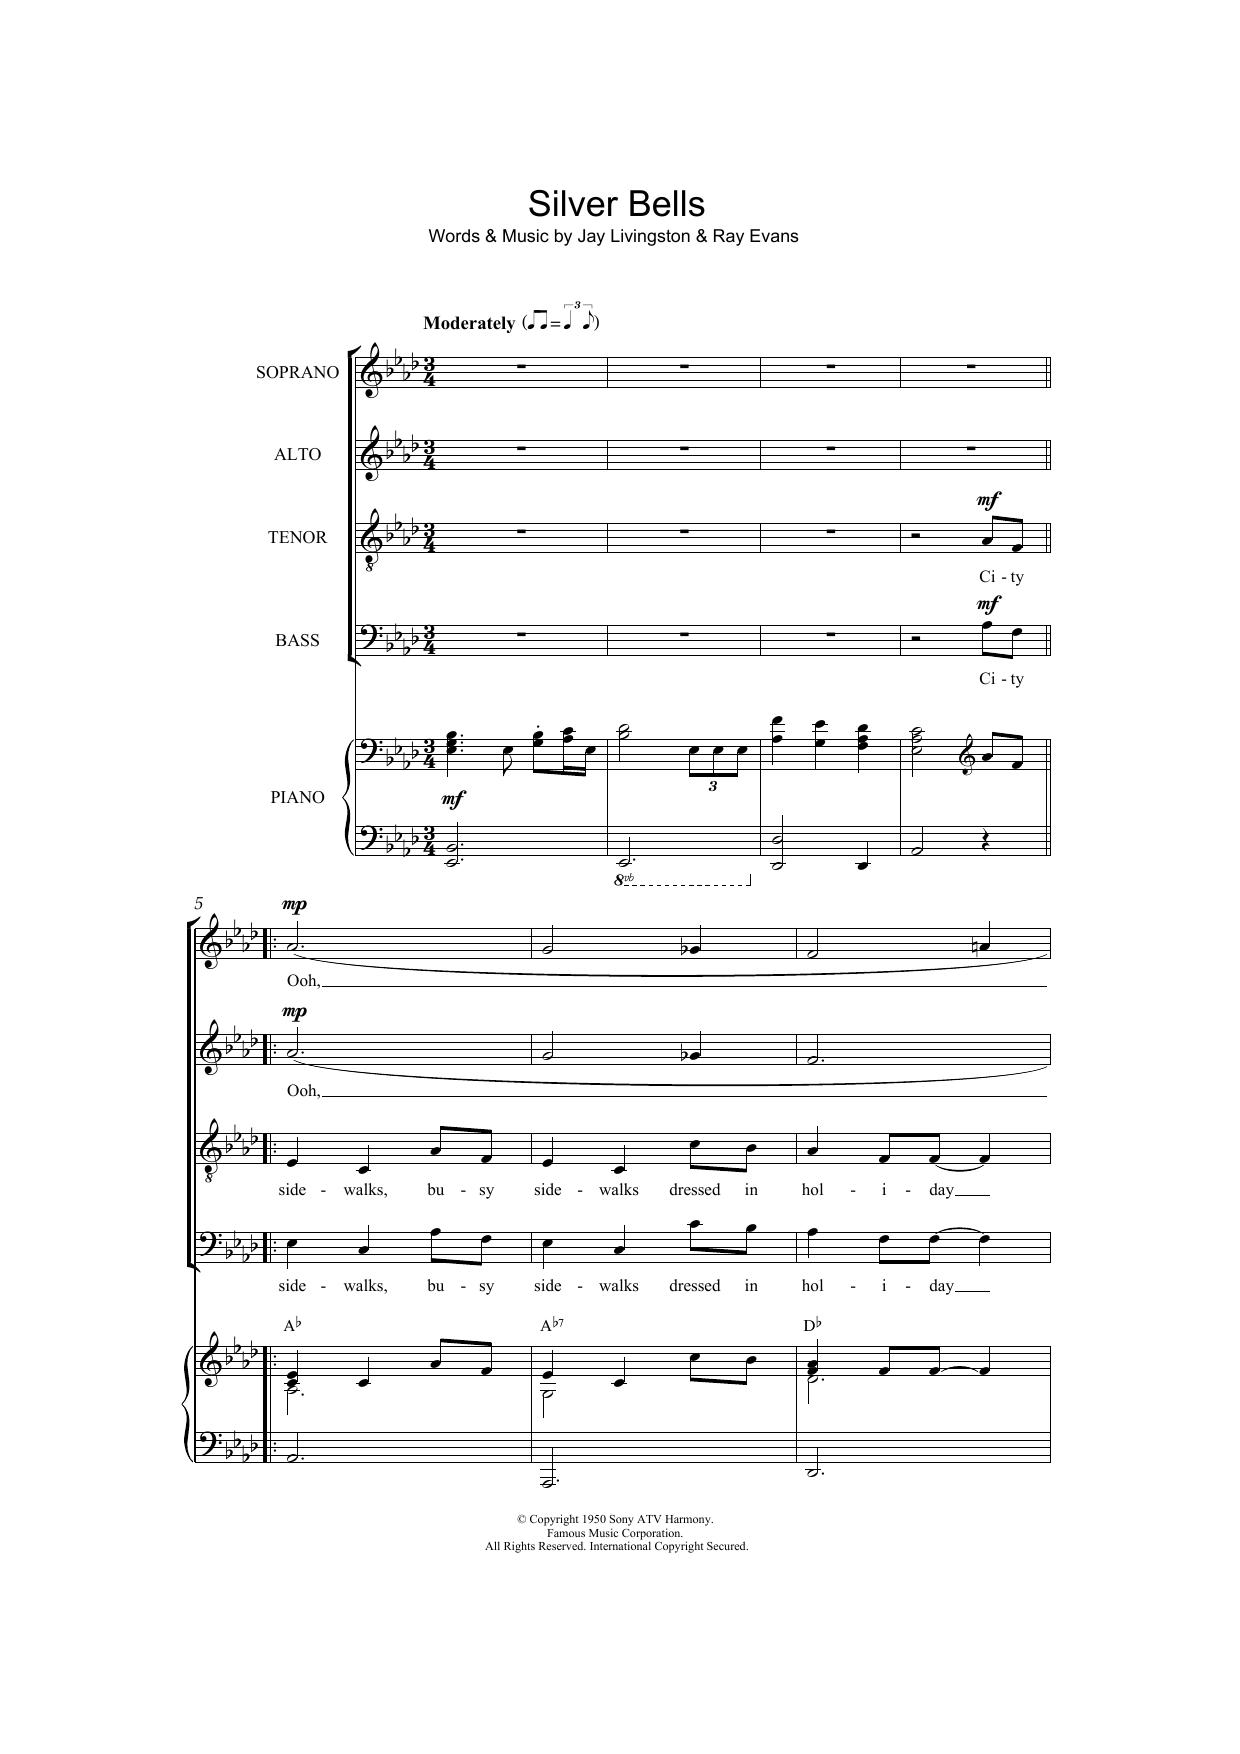 Jay Livingston - Silver Bells